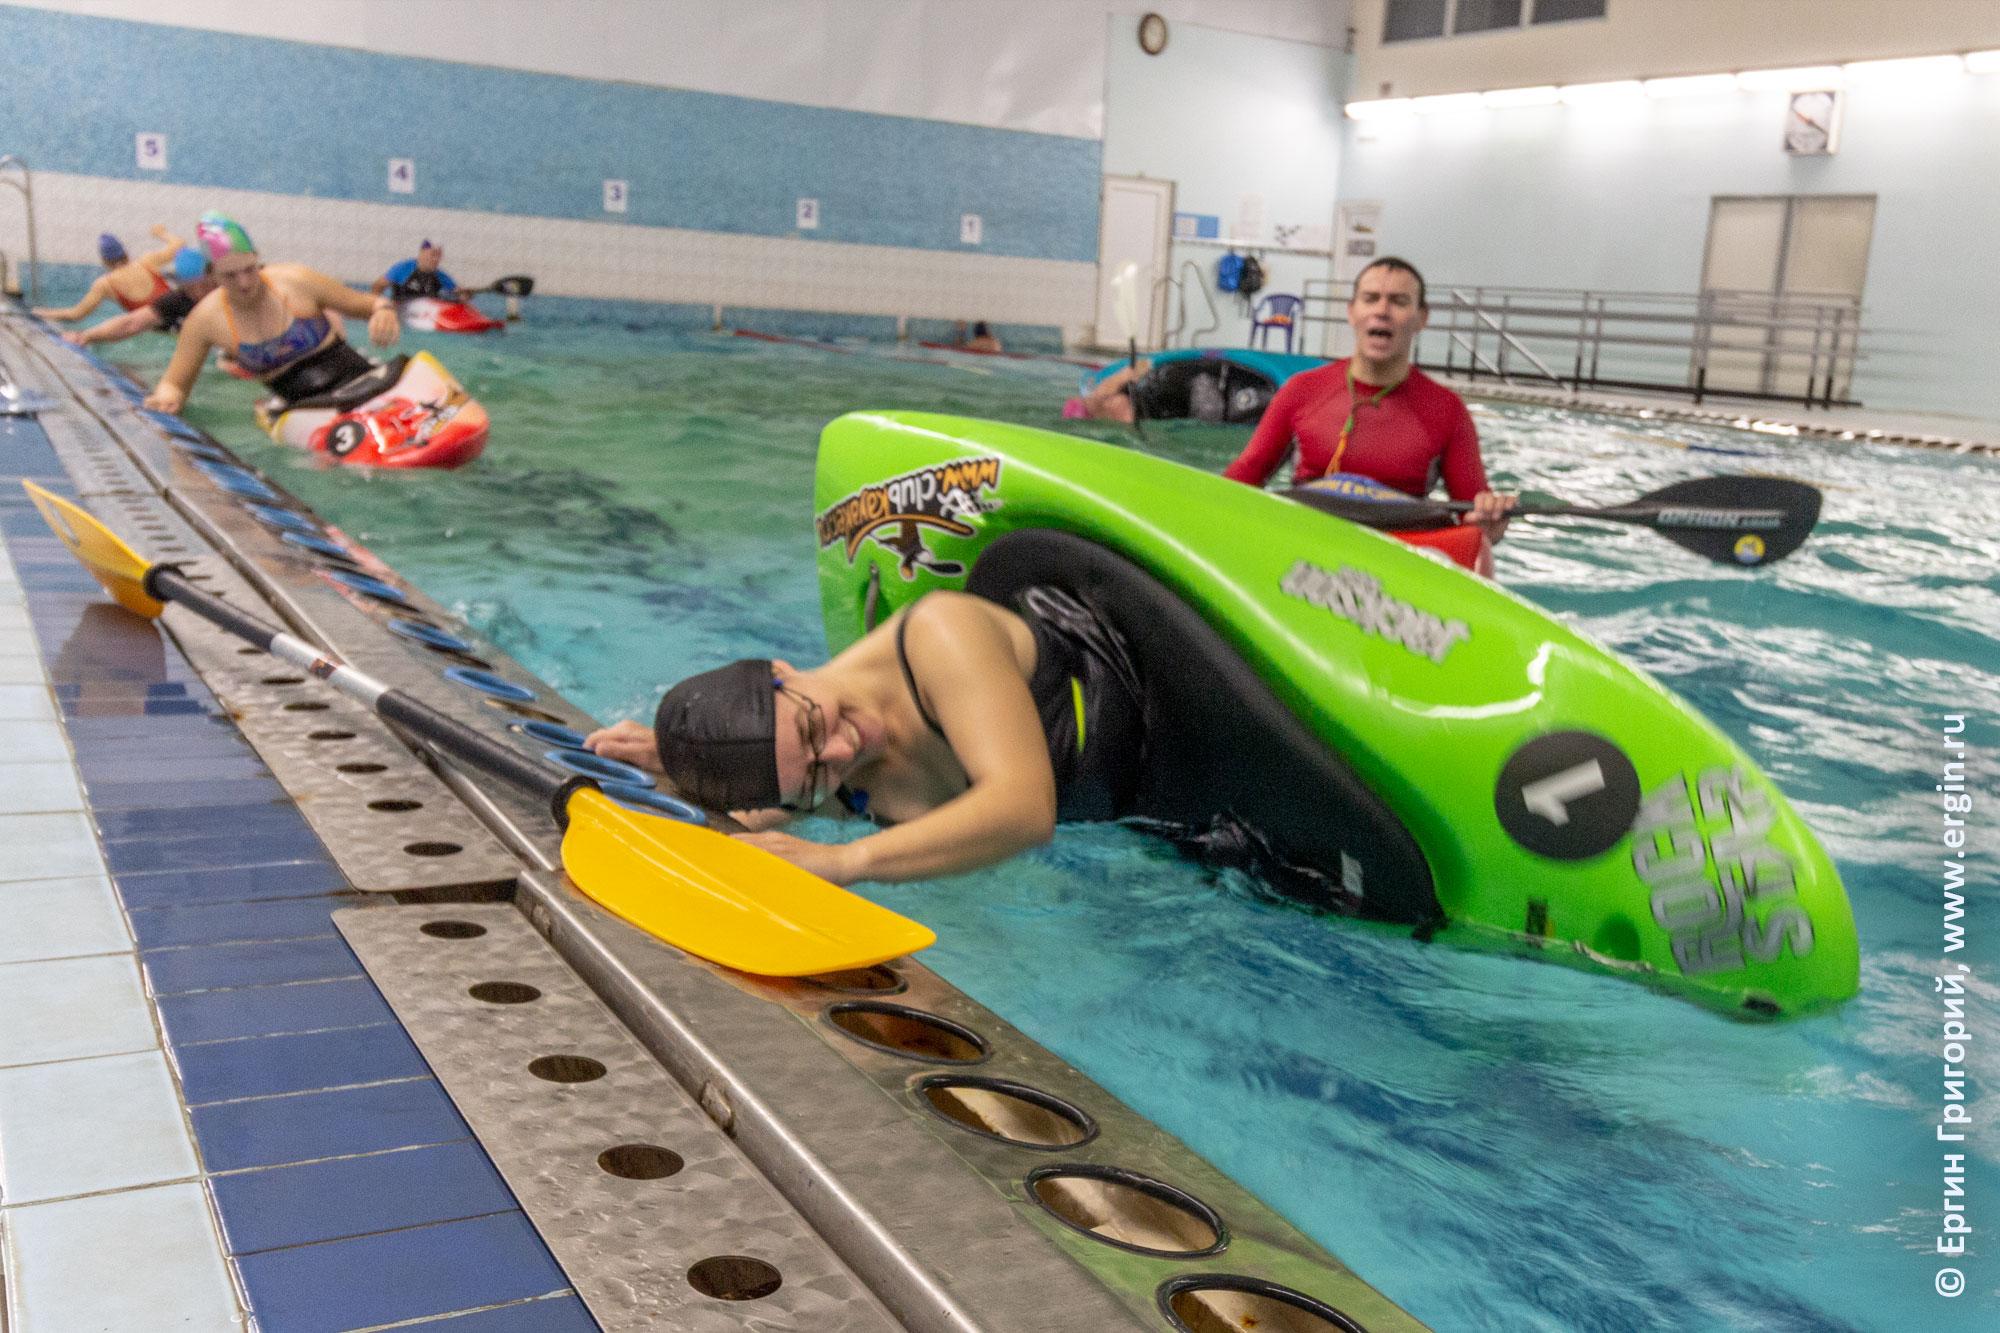 Тренер по каякингу проводит тренировку в бассейне на каяках